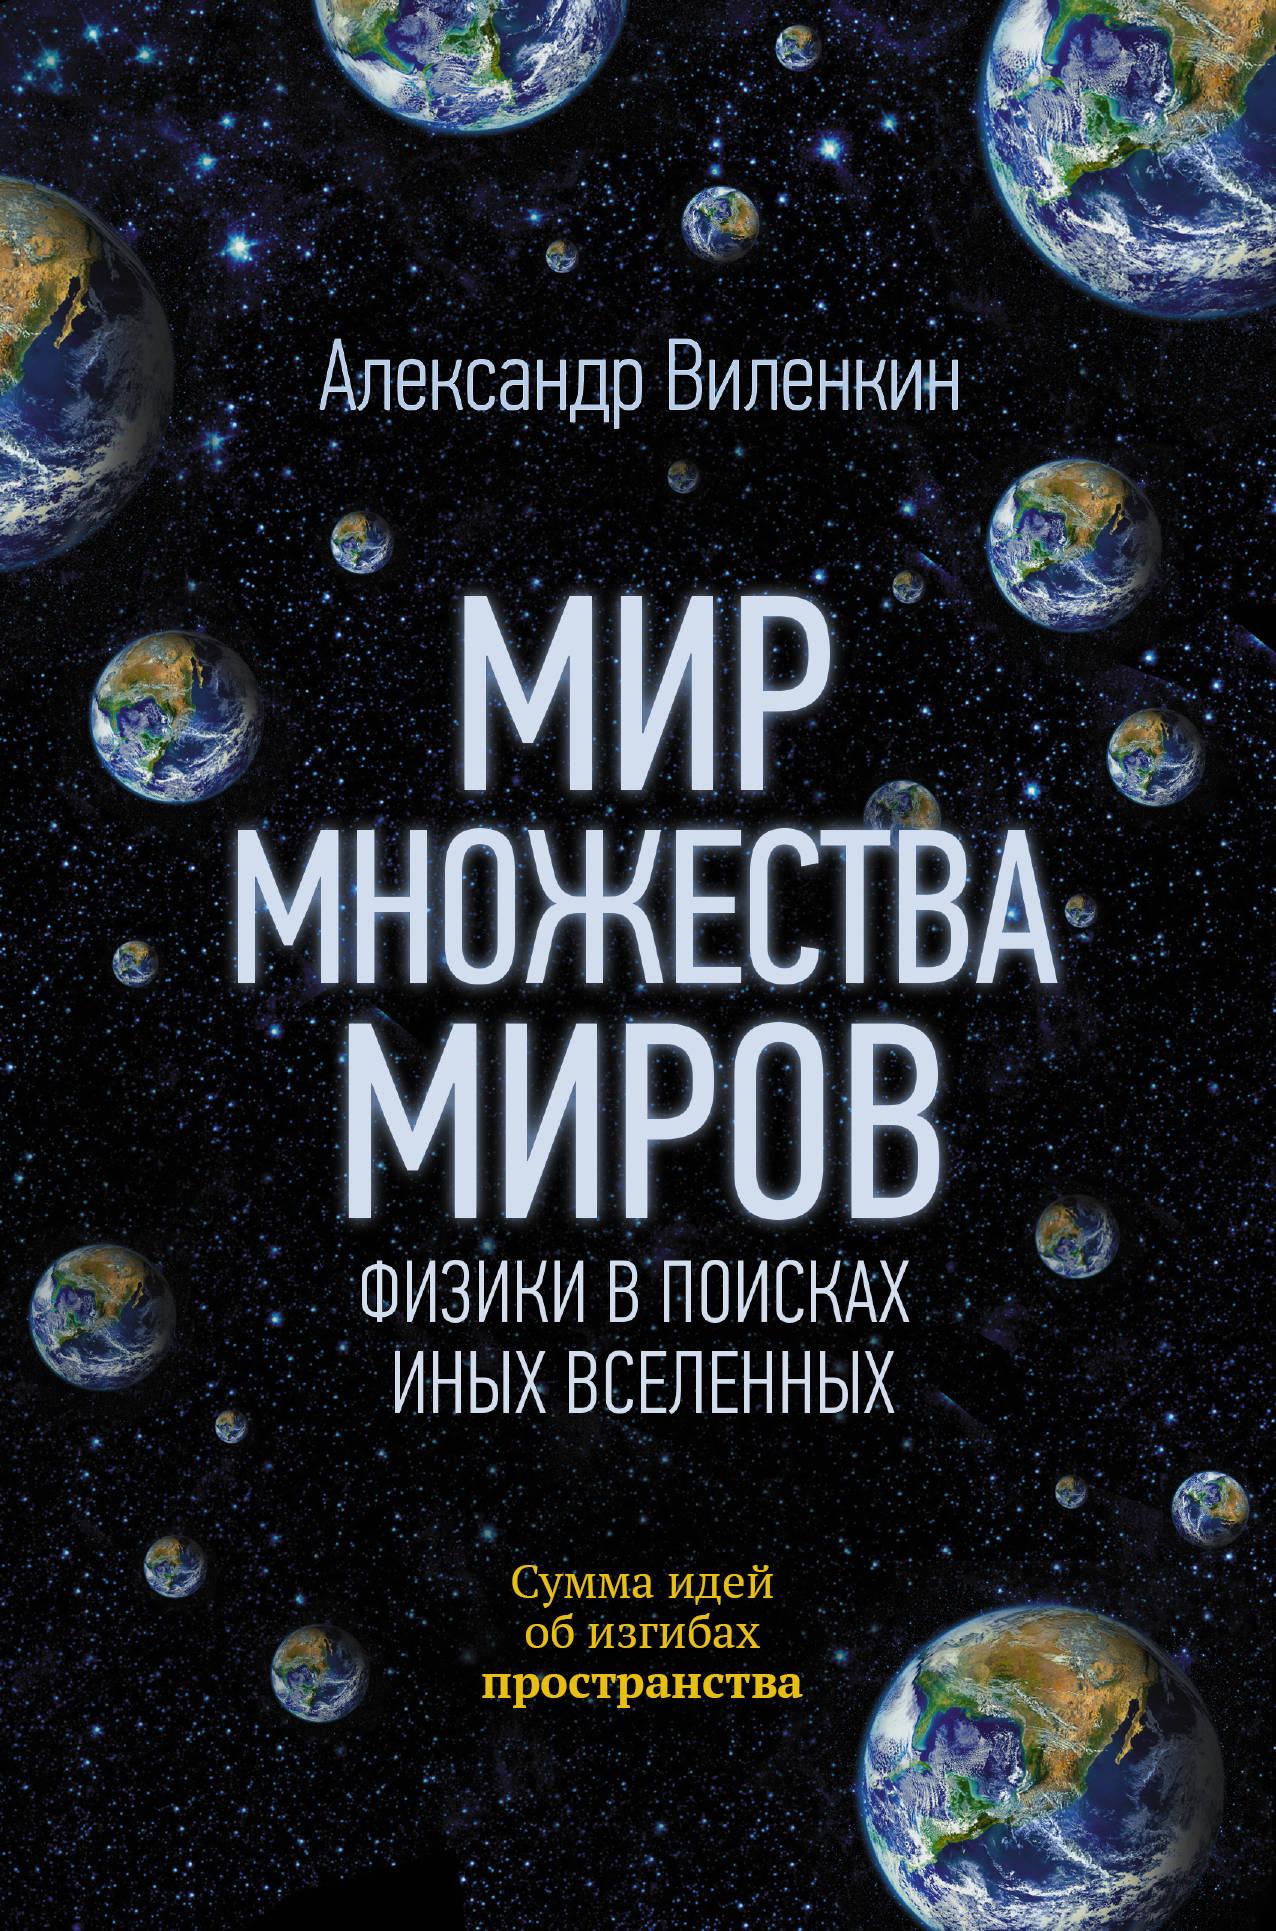 Алекс Виленкин Мир множества миров. Физики в поисках иных вселенных виленкин а мир множества миров физики в поисках иных вселенных